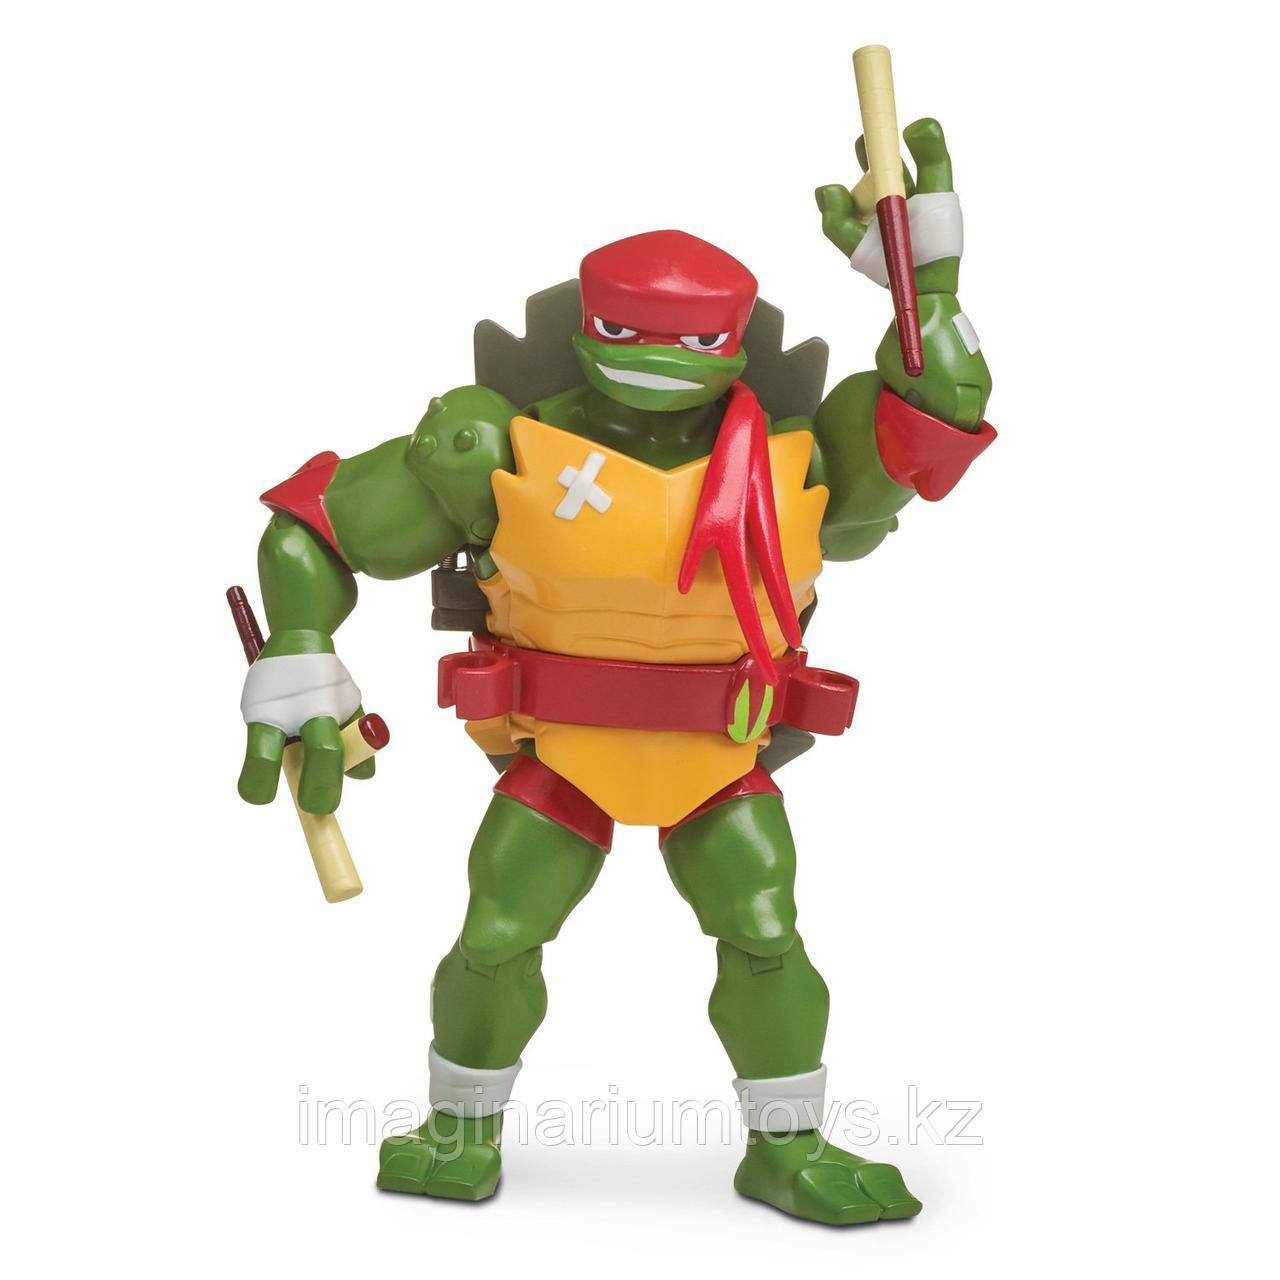 Игрушка Черепашки-ниндзя Фигурка Рафаэль с боевым панцирем 12 см